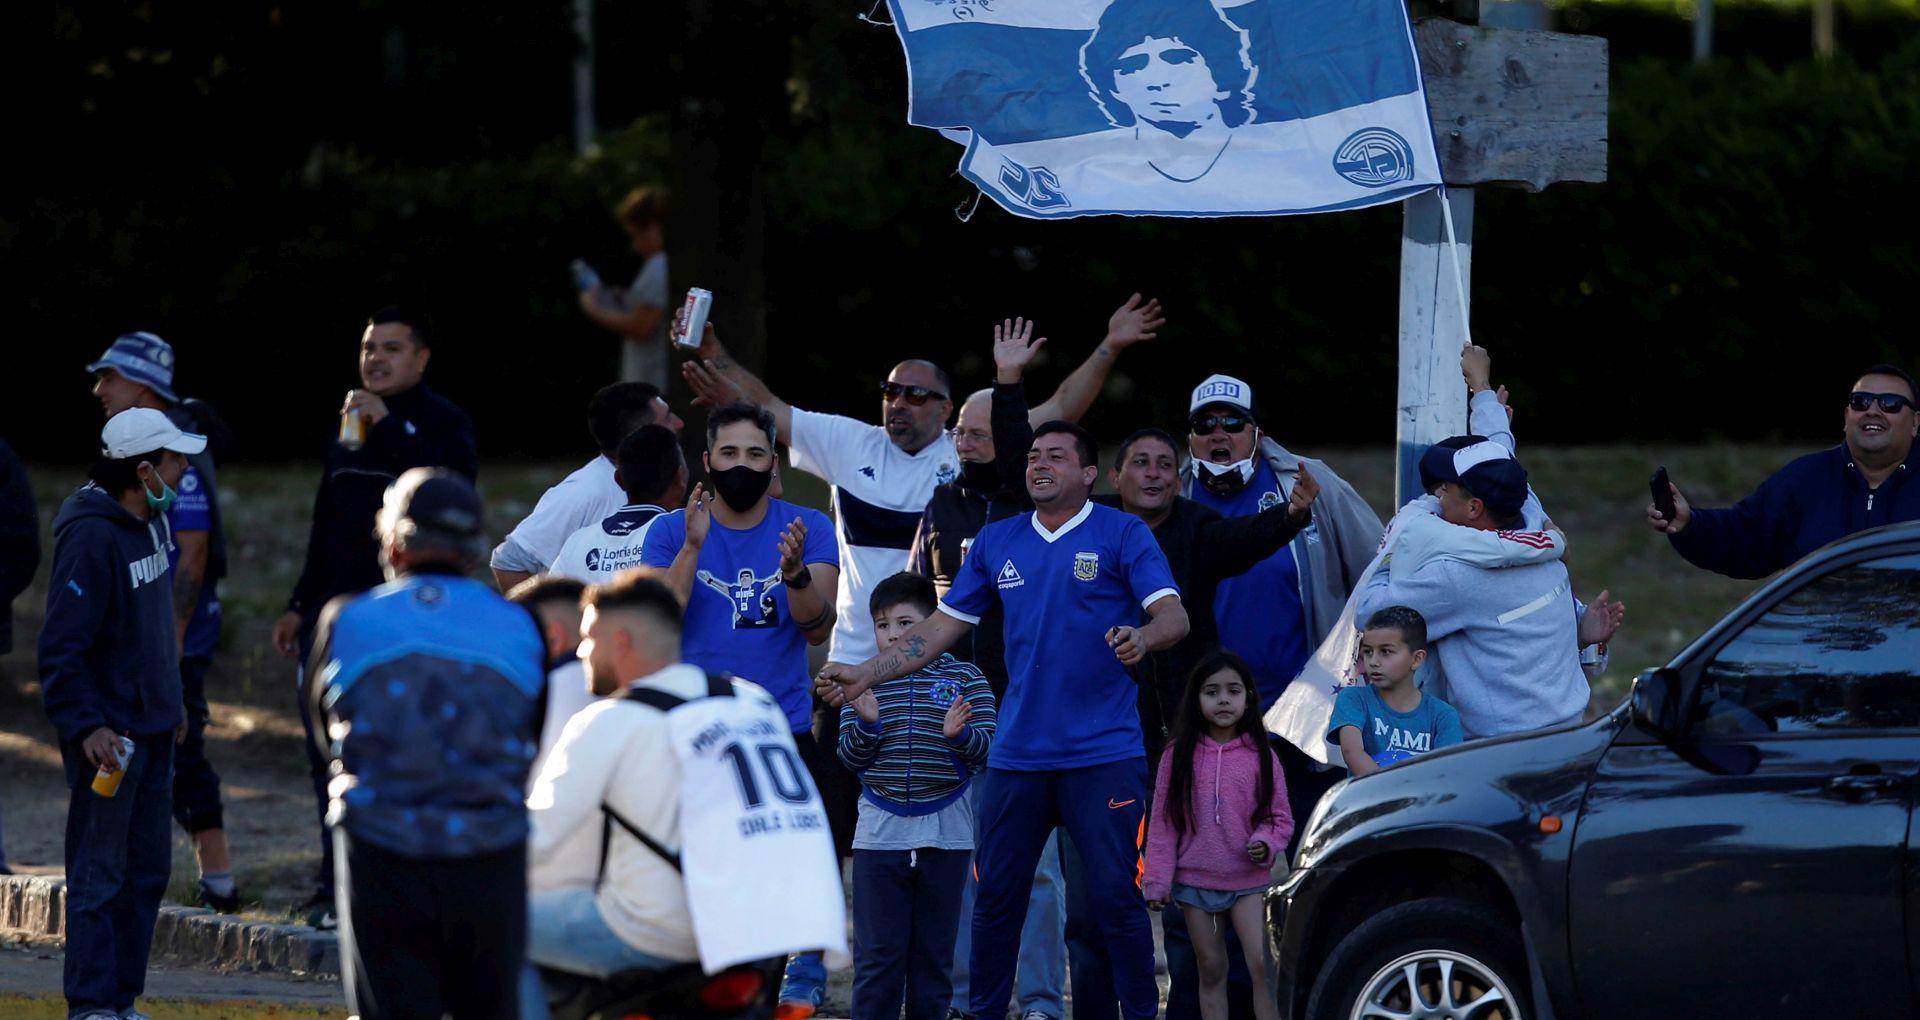 Gimnasia s pobjedom proslavila Maradonin rođendan